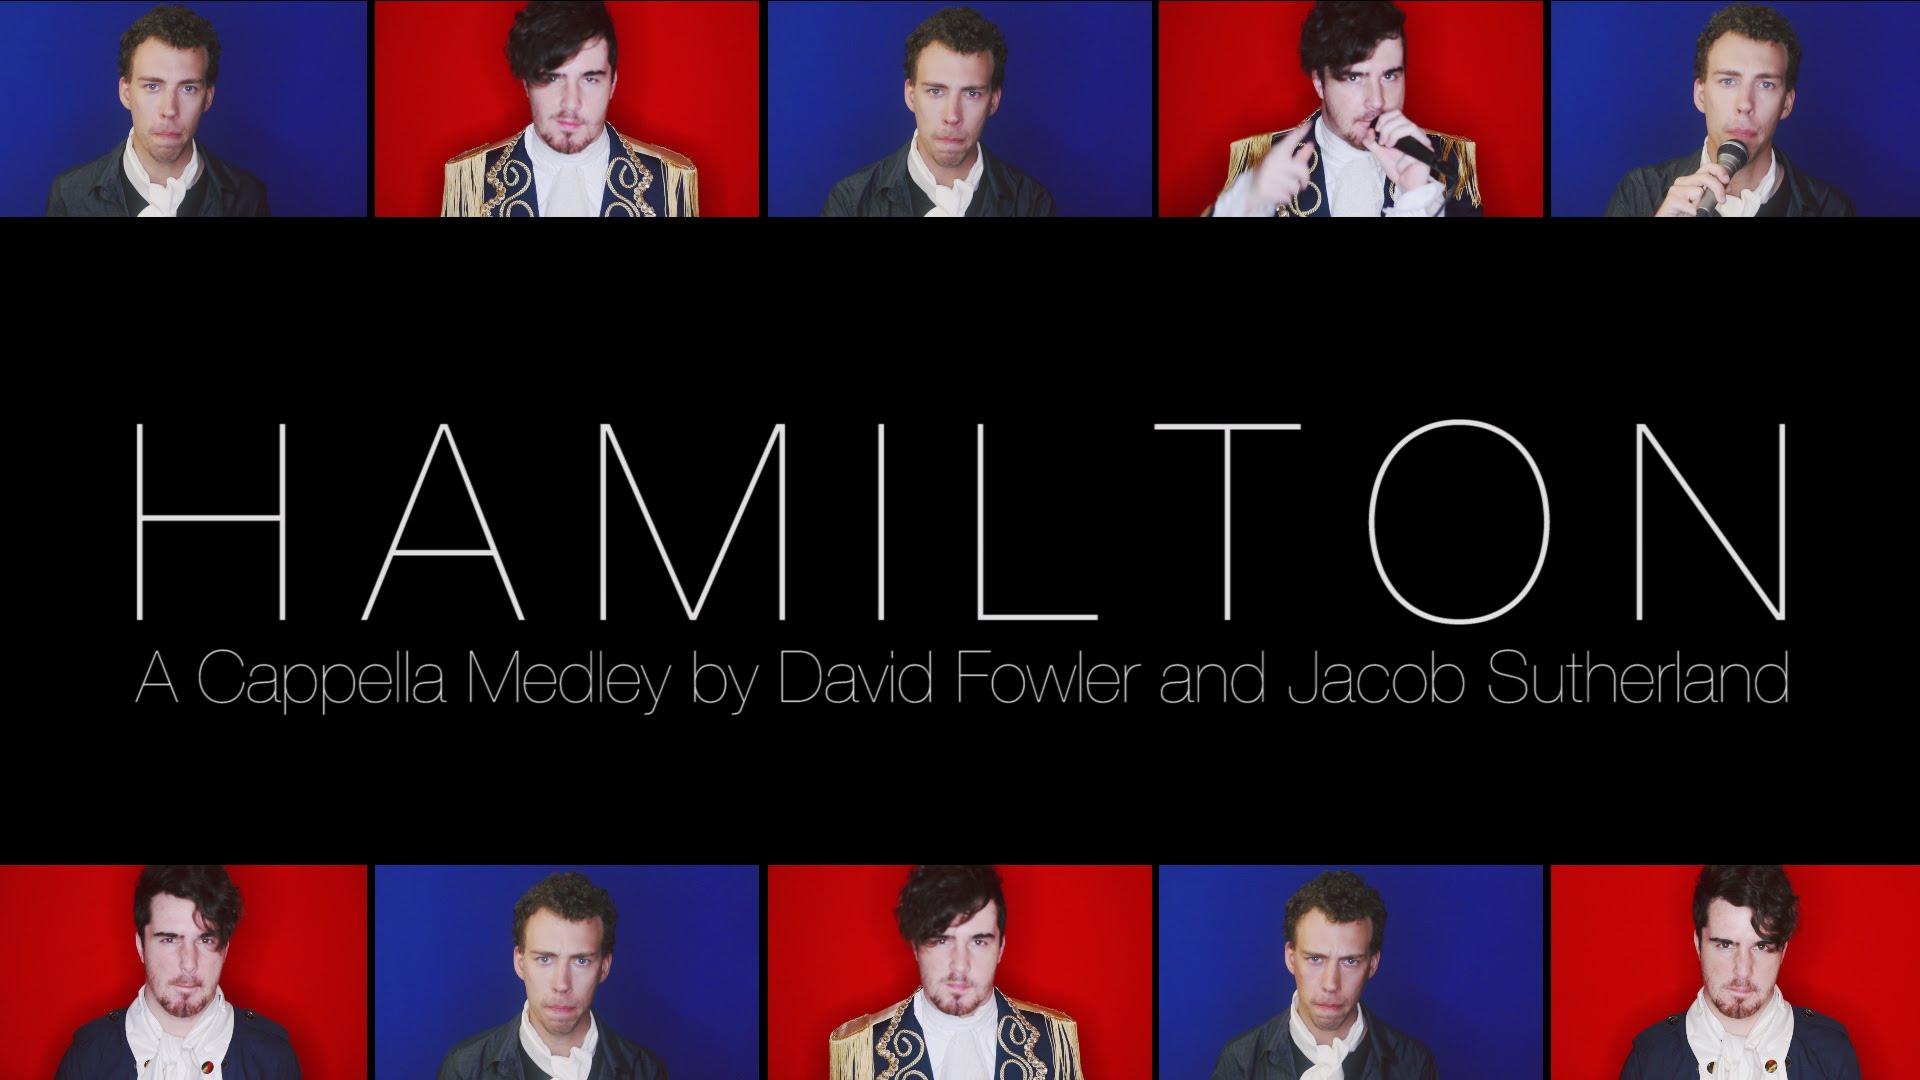 HAMILTON MEDLEY